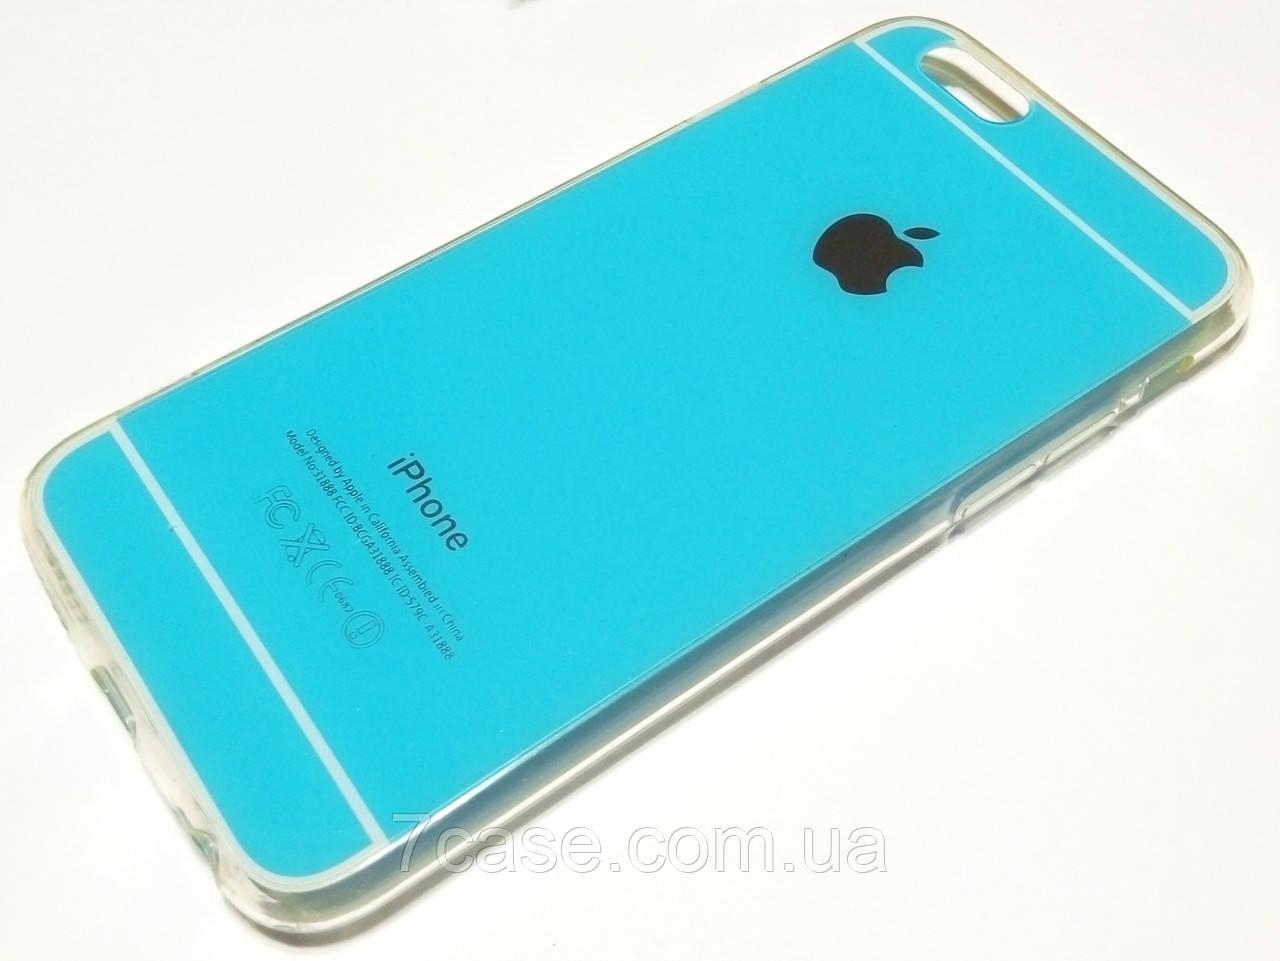 Чехол силиконовый для iPhone 6 / 6s голубой